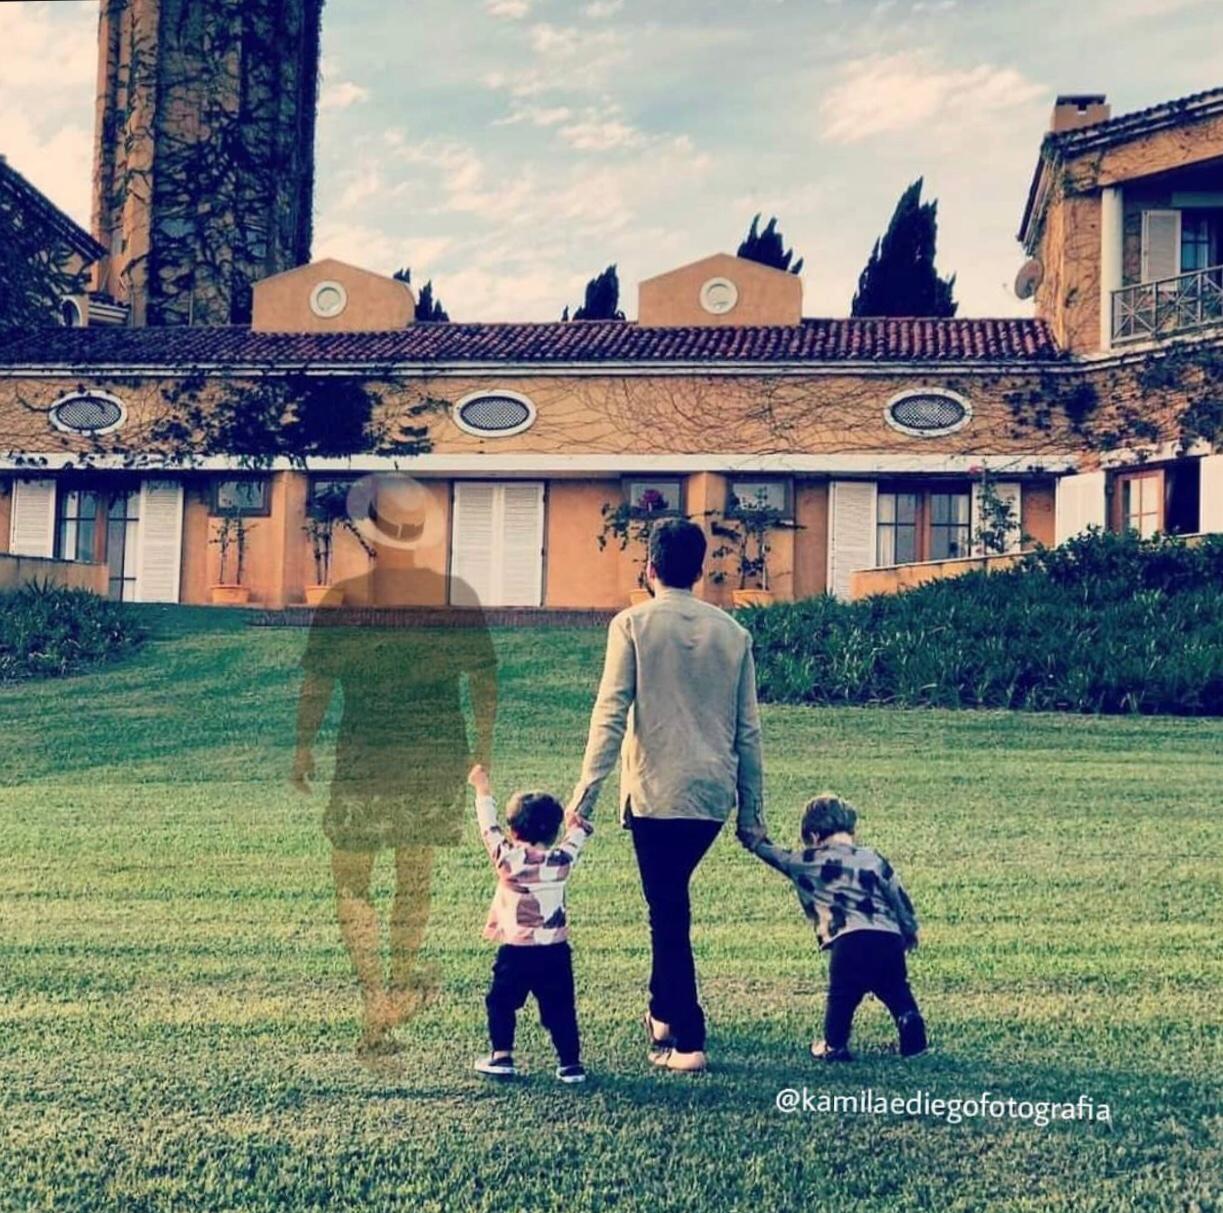 Montagem de Paulo Gustavo em foto de Thales Bretas e filhos emociona a web (Foto: Reprodução/Instagram)